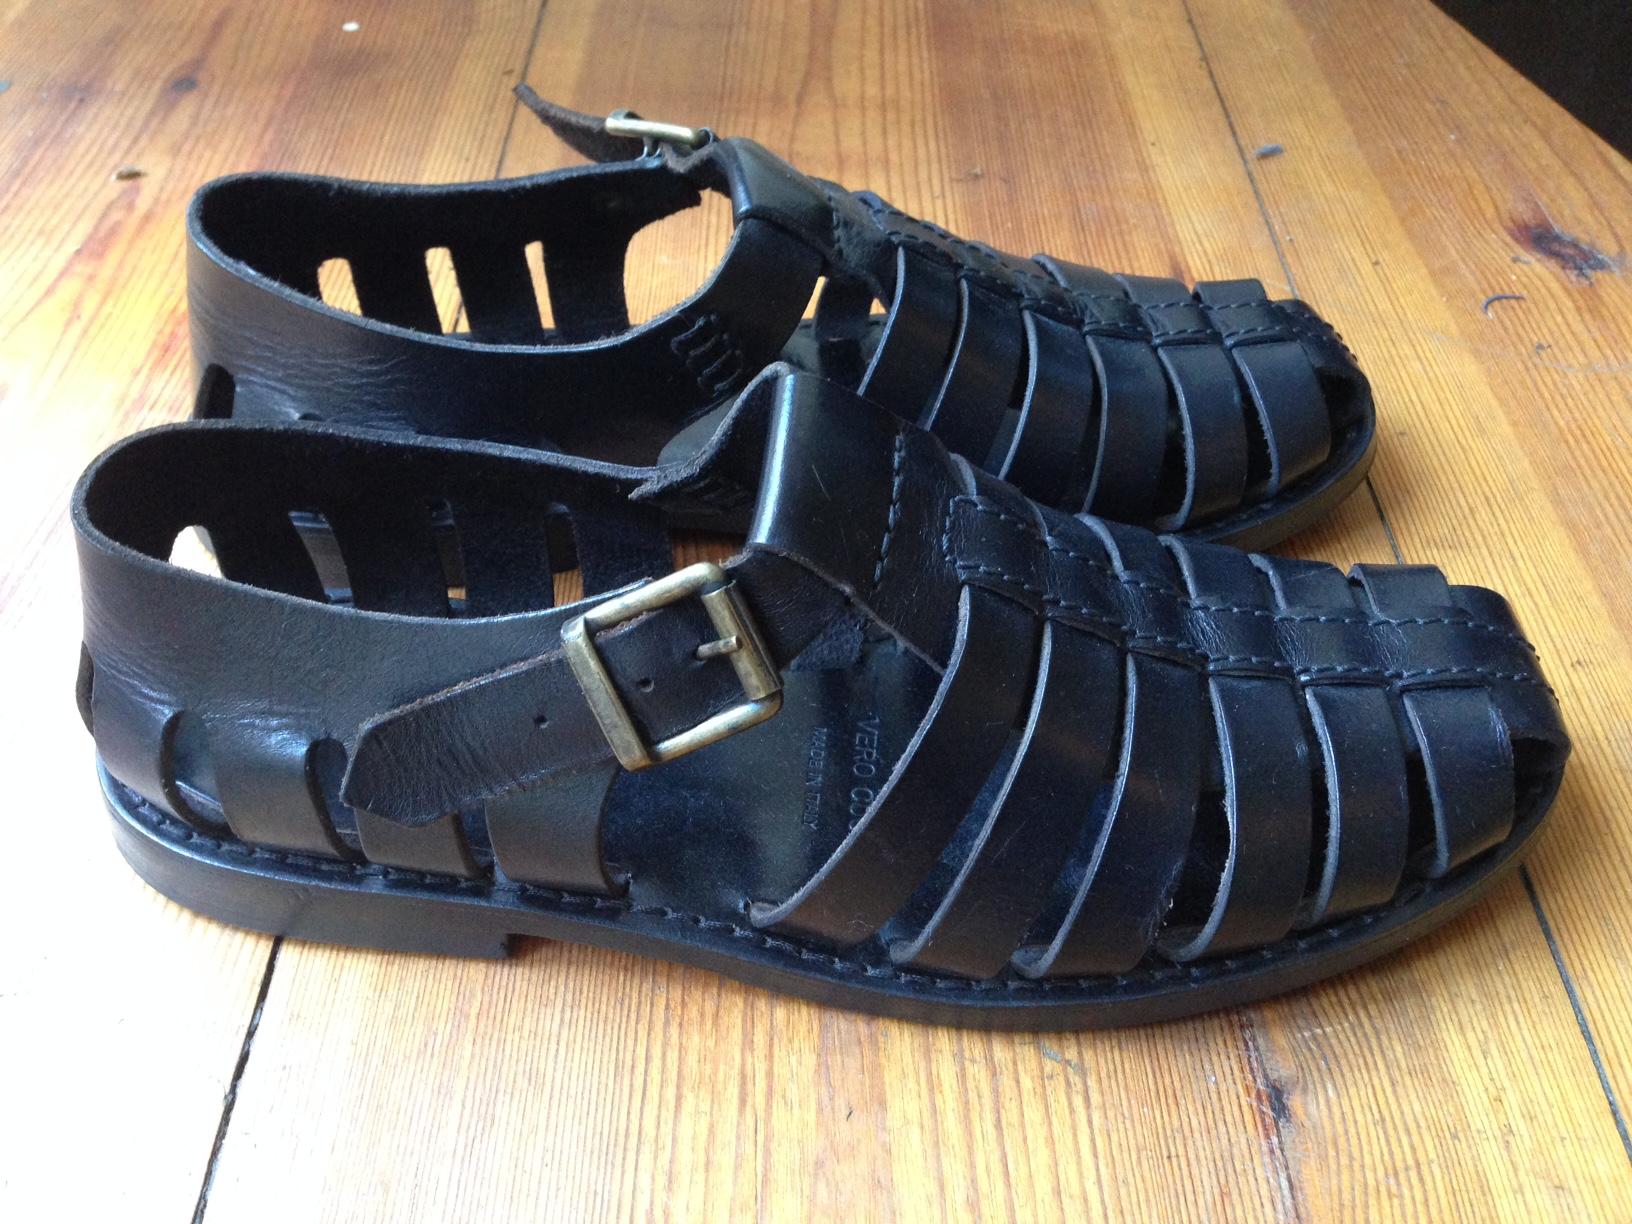 d24a232ce4e Fratelli Italia Di Delfino Fratelli Vanni Italian Leather Sandals Size 9 -  Sandals for Sale - Grailed